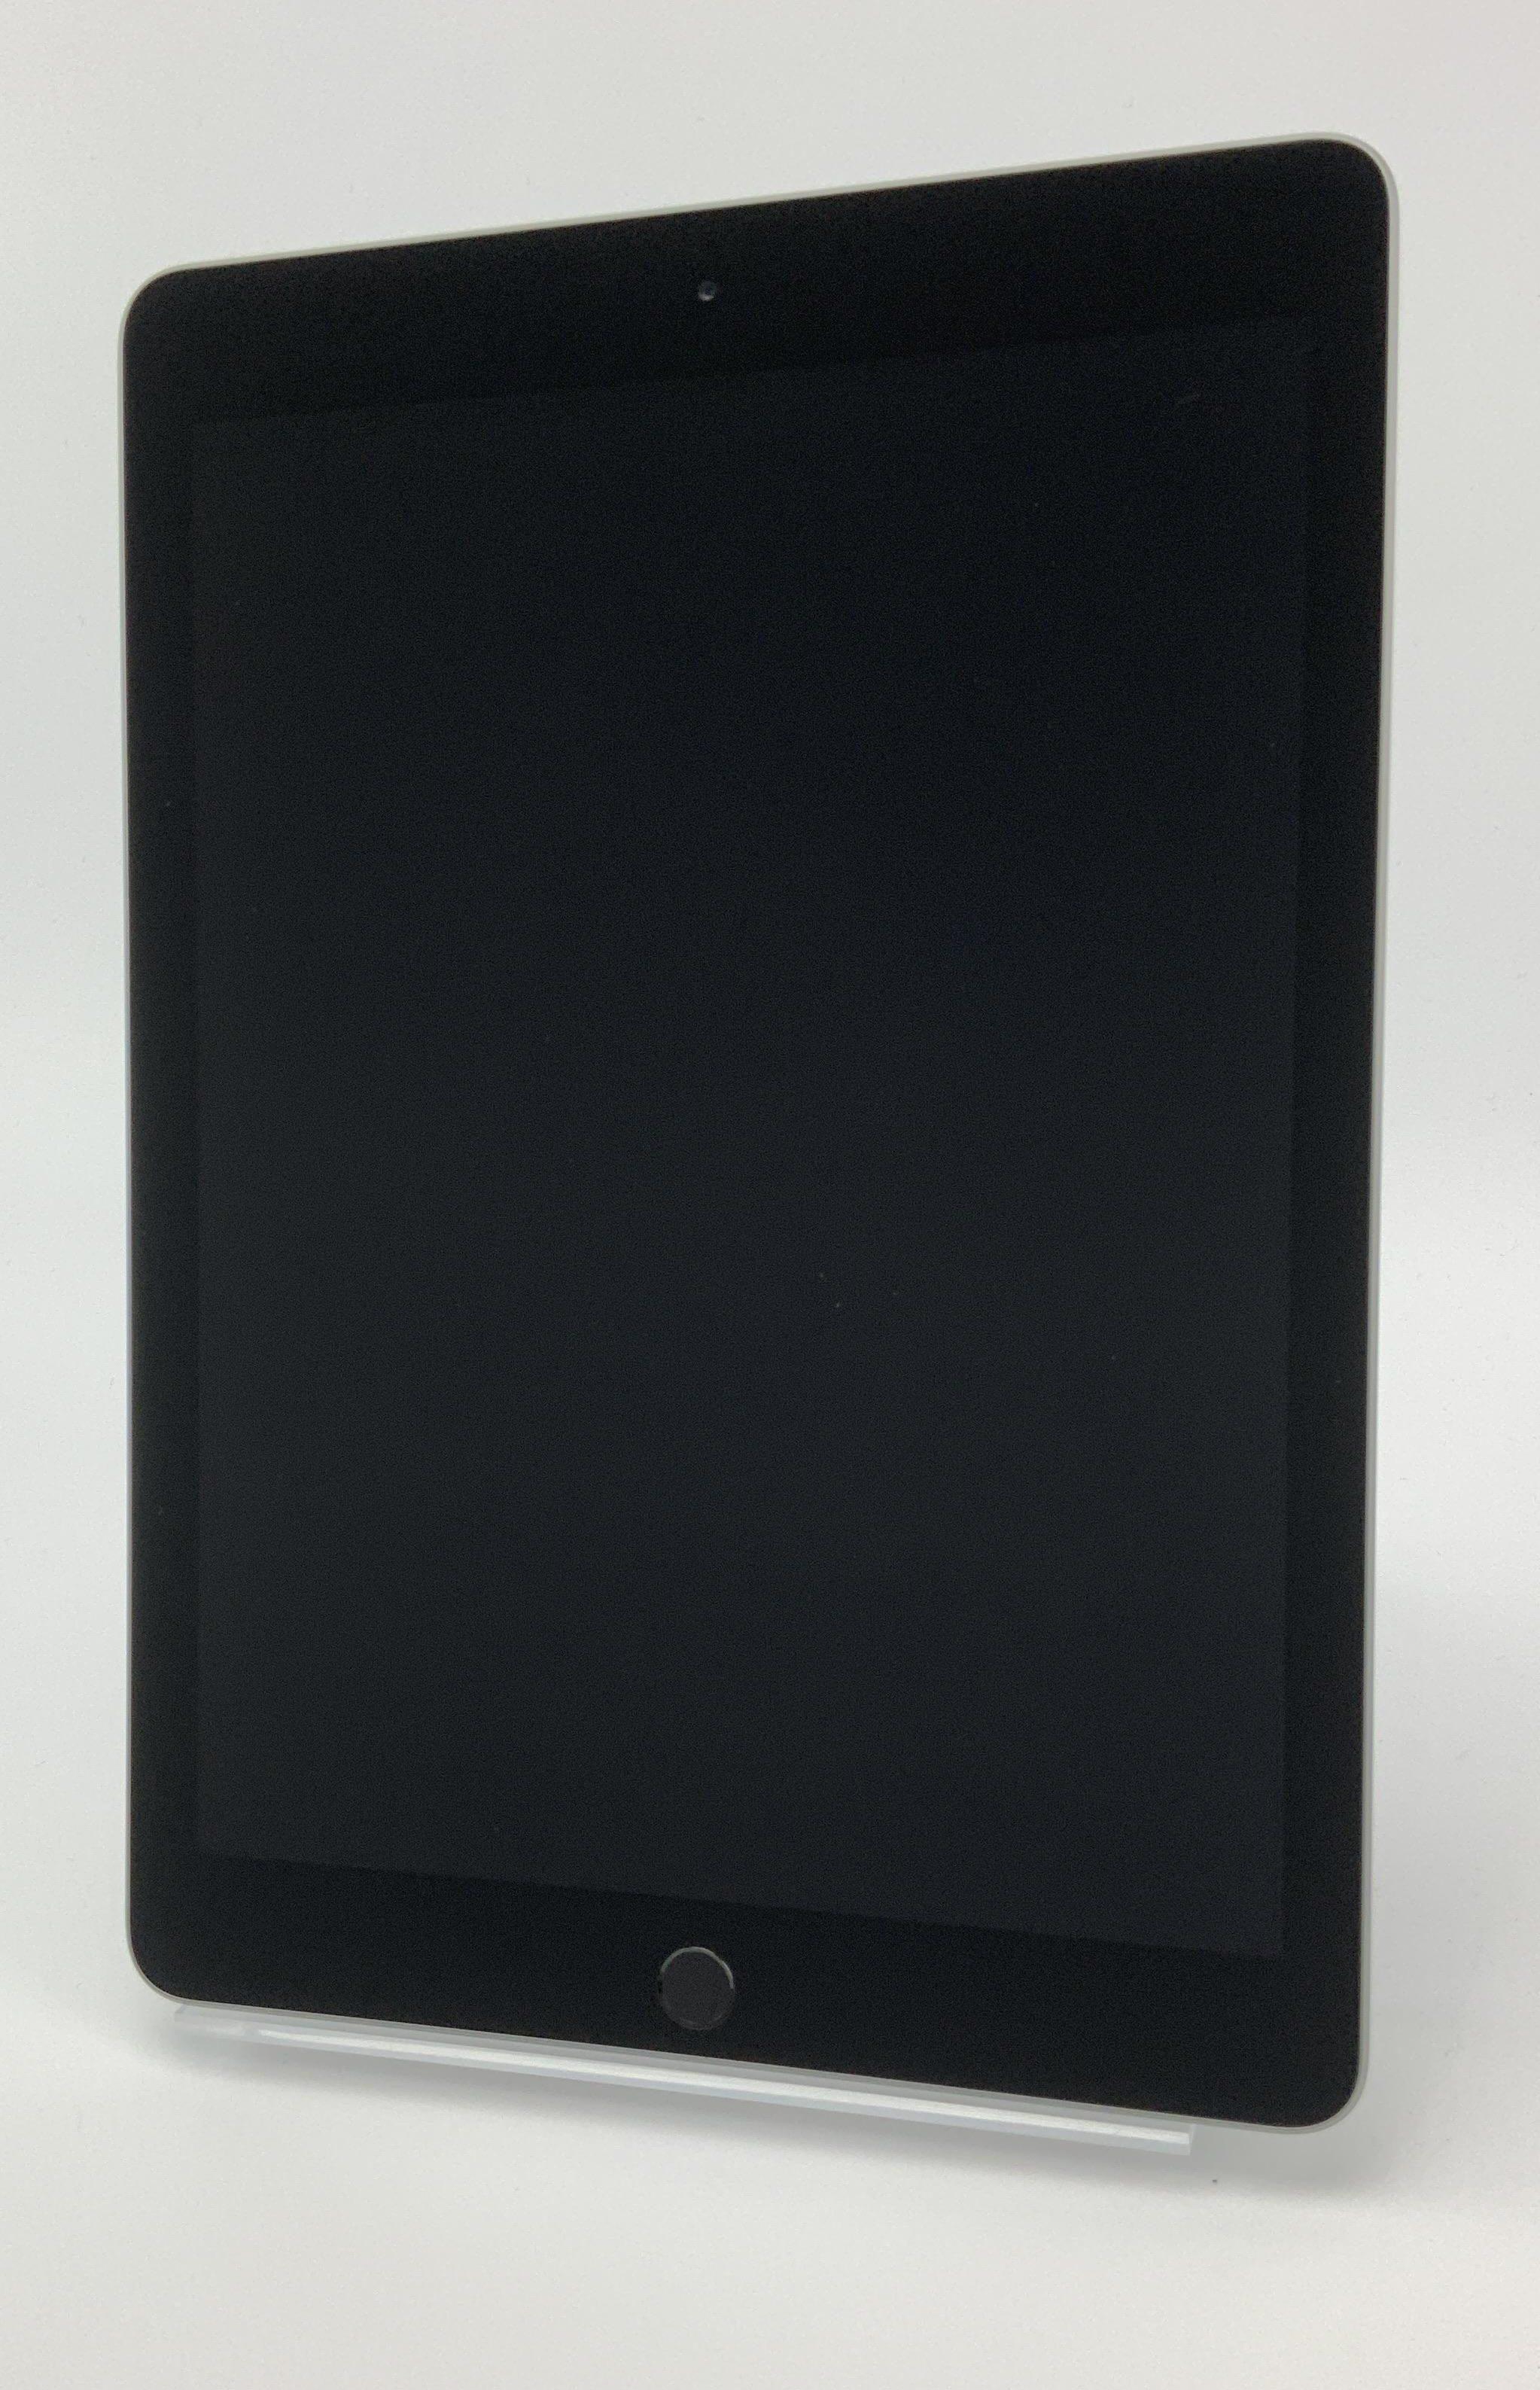 iPad 6 Wi-Fi 128GB, 128GB, Space Gray, obraz 1